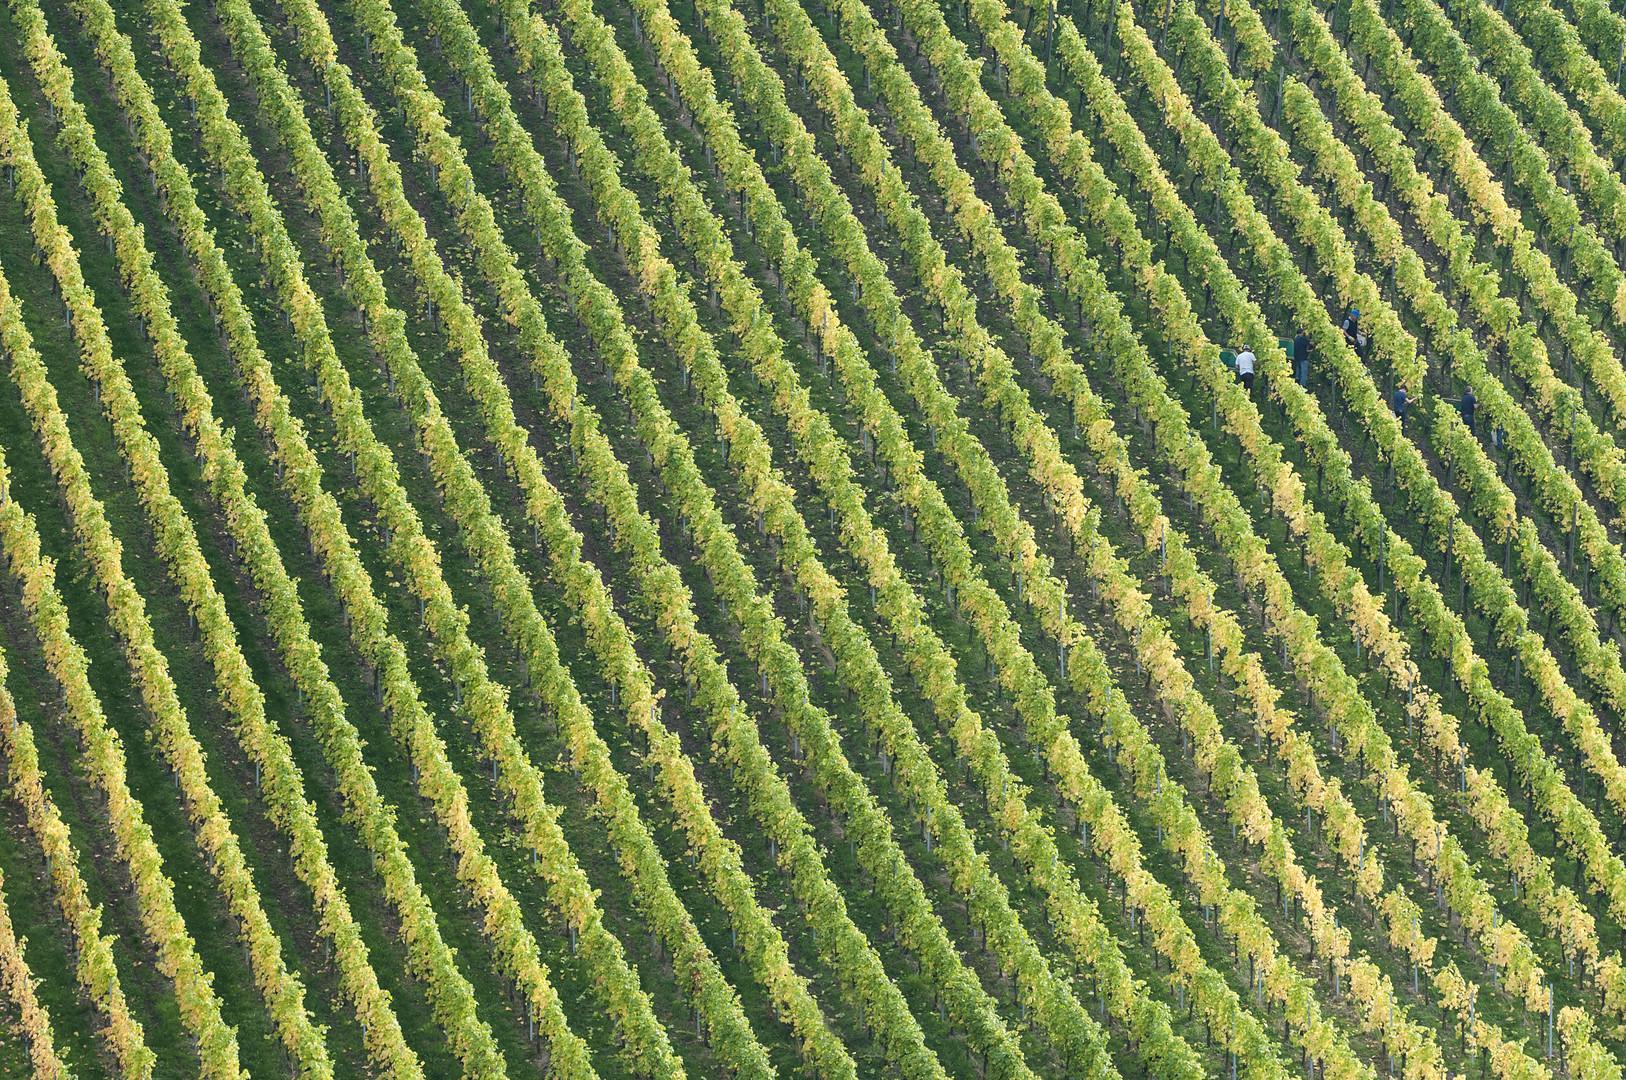 Herbst in den Weinbergen 02